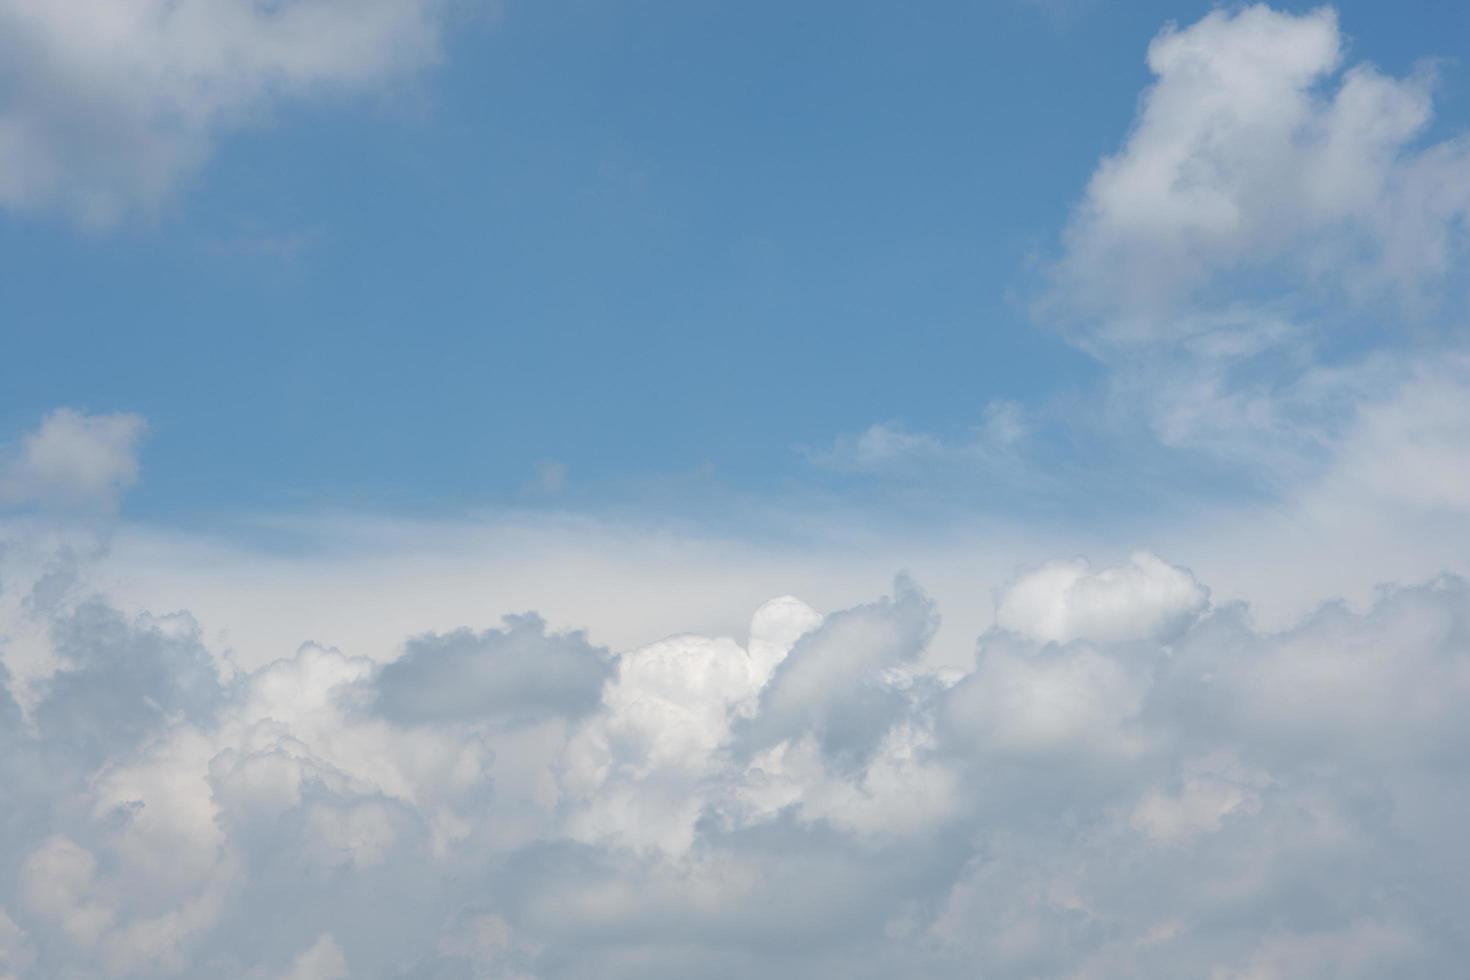 der Himmel und die Wolken foto